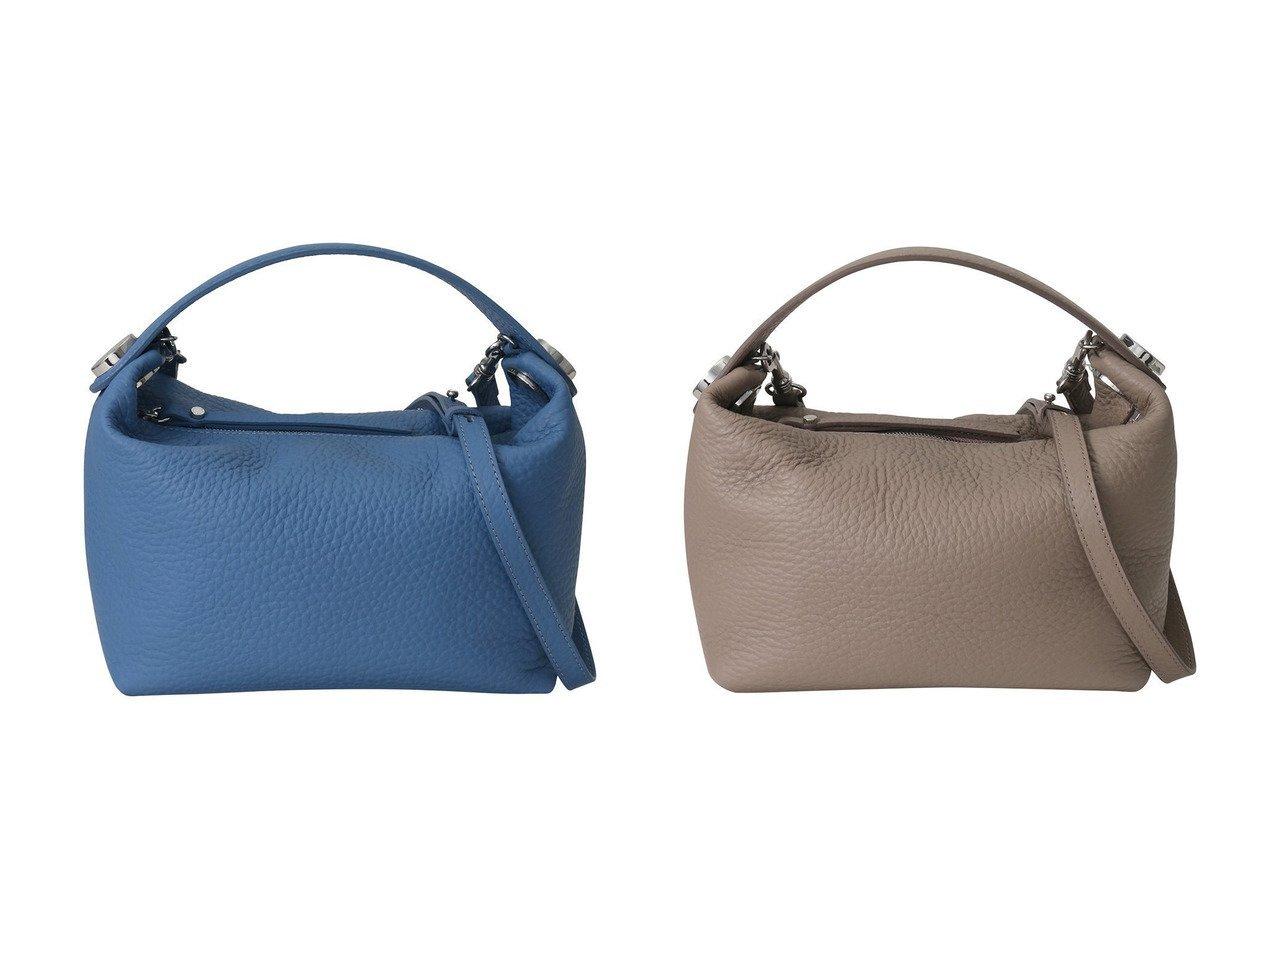 【GALLARDAGALANTE/ガリャルダガランテ】の【IACUCCI】ワンハンドルバッグ/ANCORA 【バッグ・鞄】おすすめ!人気、トレンド・レディースファッションの通販 おすすめで人気の流行・トレンド、ファッションの通販商品 インテリア・家具・メンズファッション・キッズファッション・レディースファッション・服の通販 founy(ファニー) https://founy.com/ ファッション Fashion レディースファッション WOMEN ハンドバッグ メタル |ID:crp329100000069212